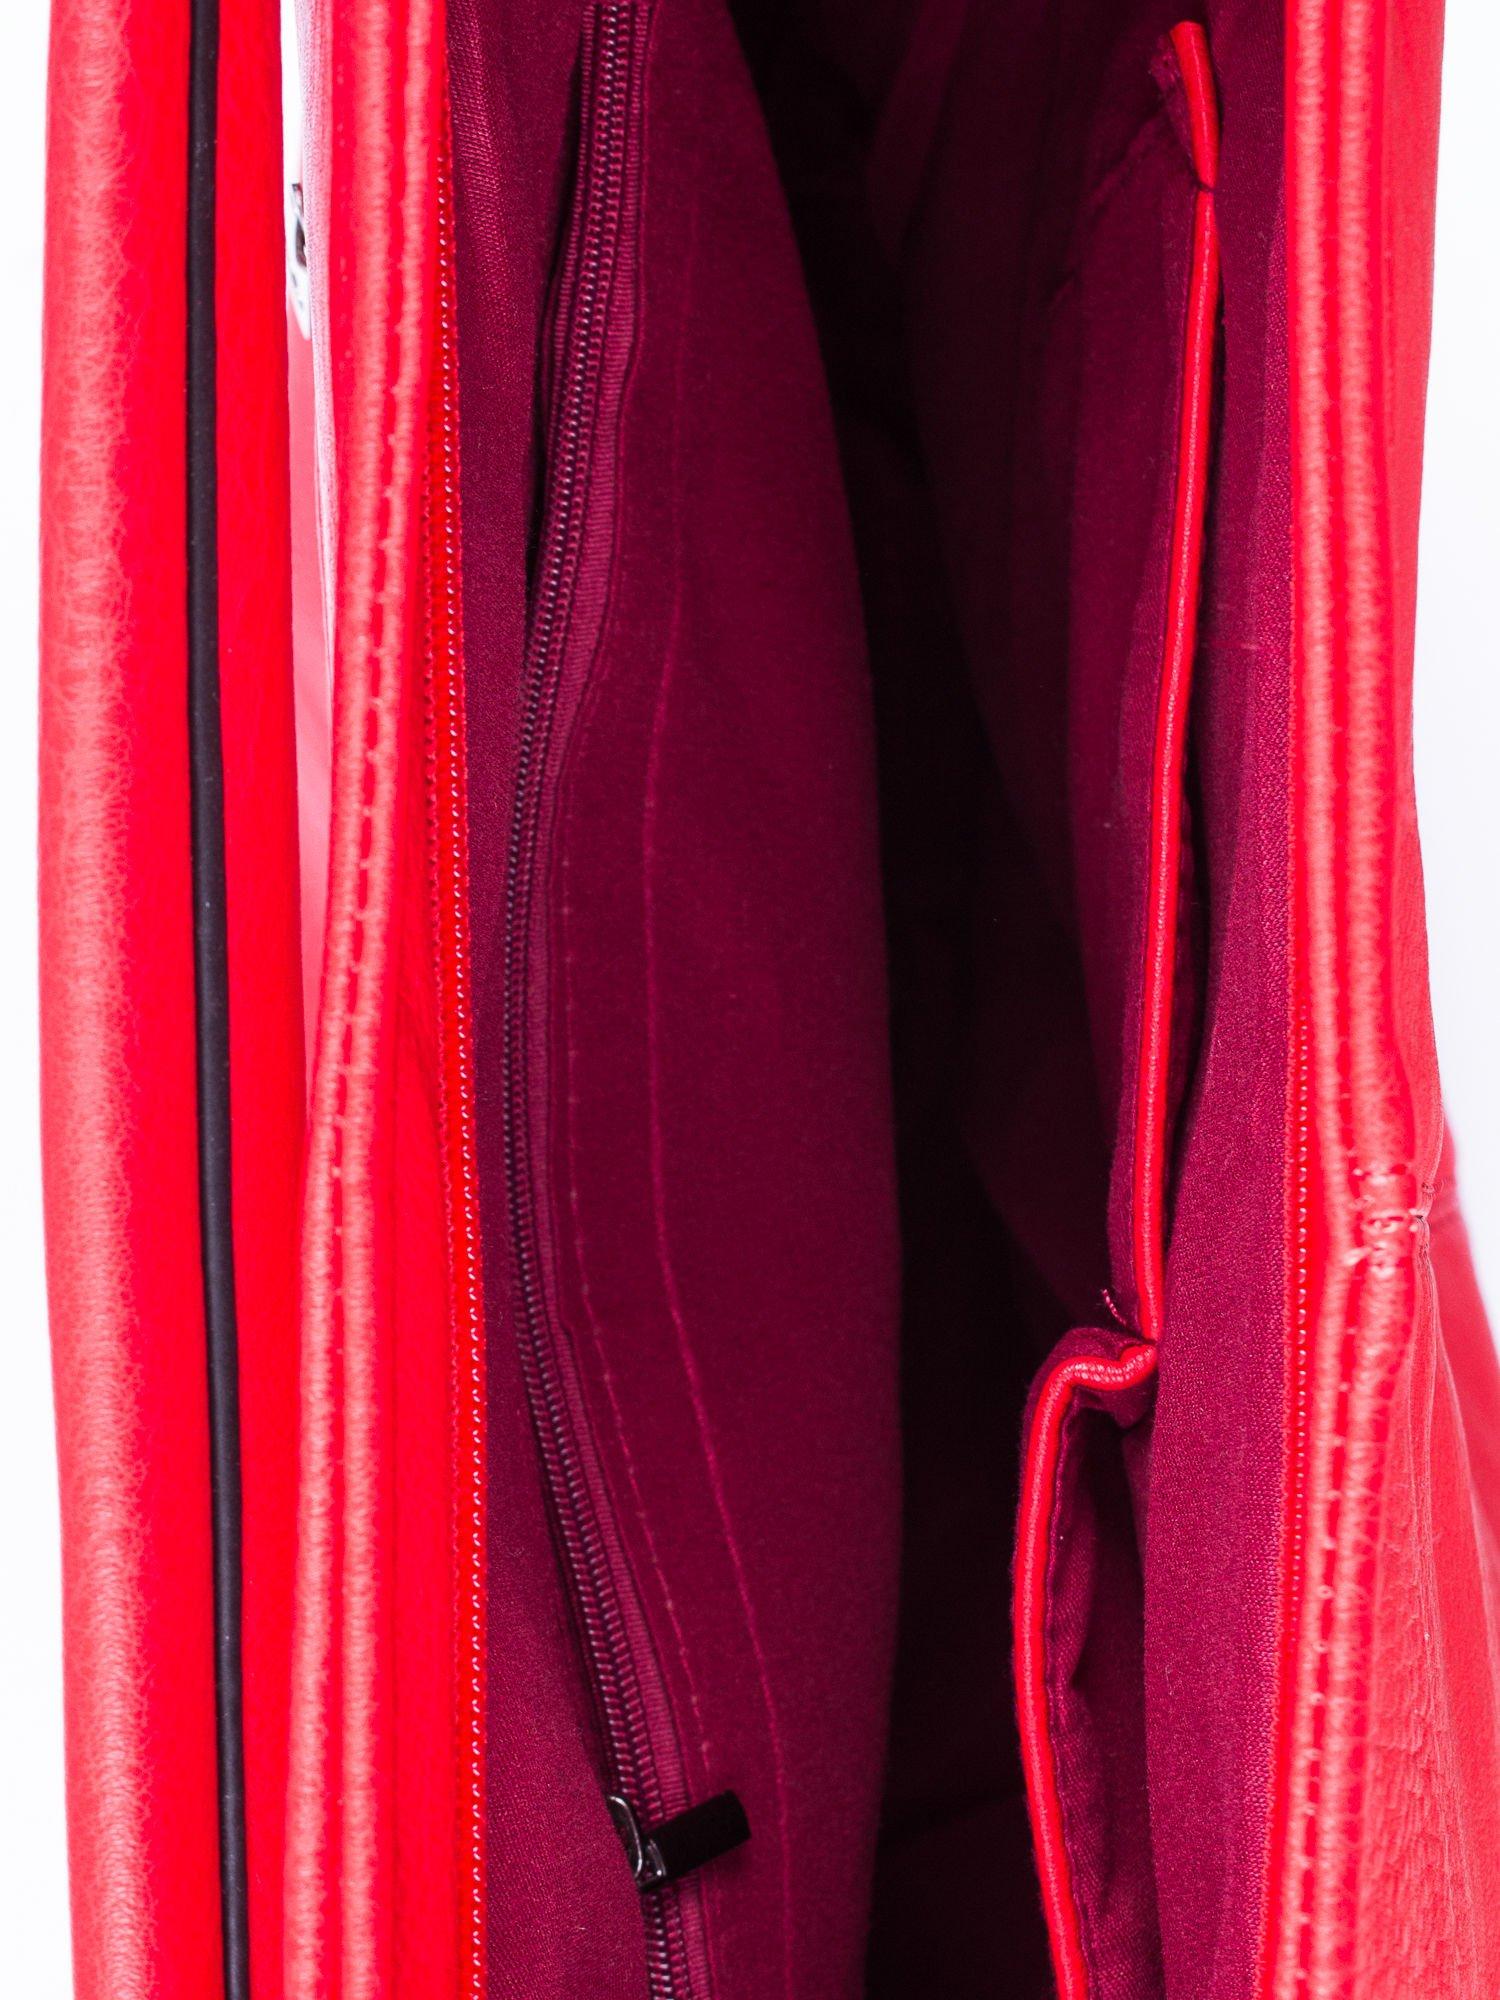 Czerwona torba hobo z suwakami po bokach                                  zdj.                                  4